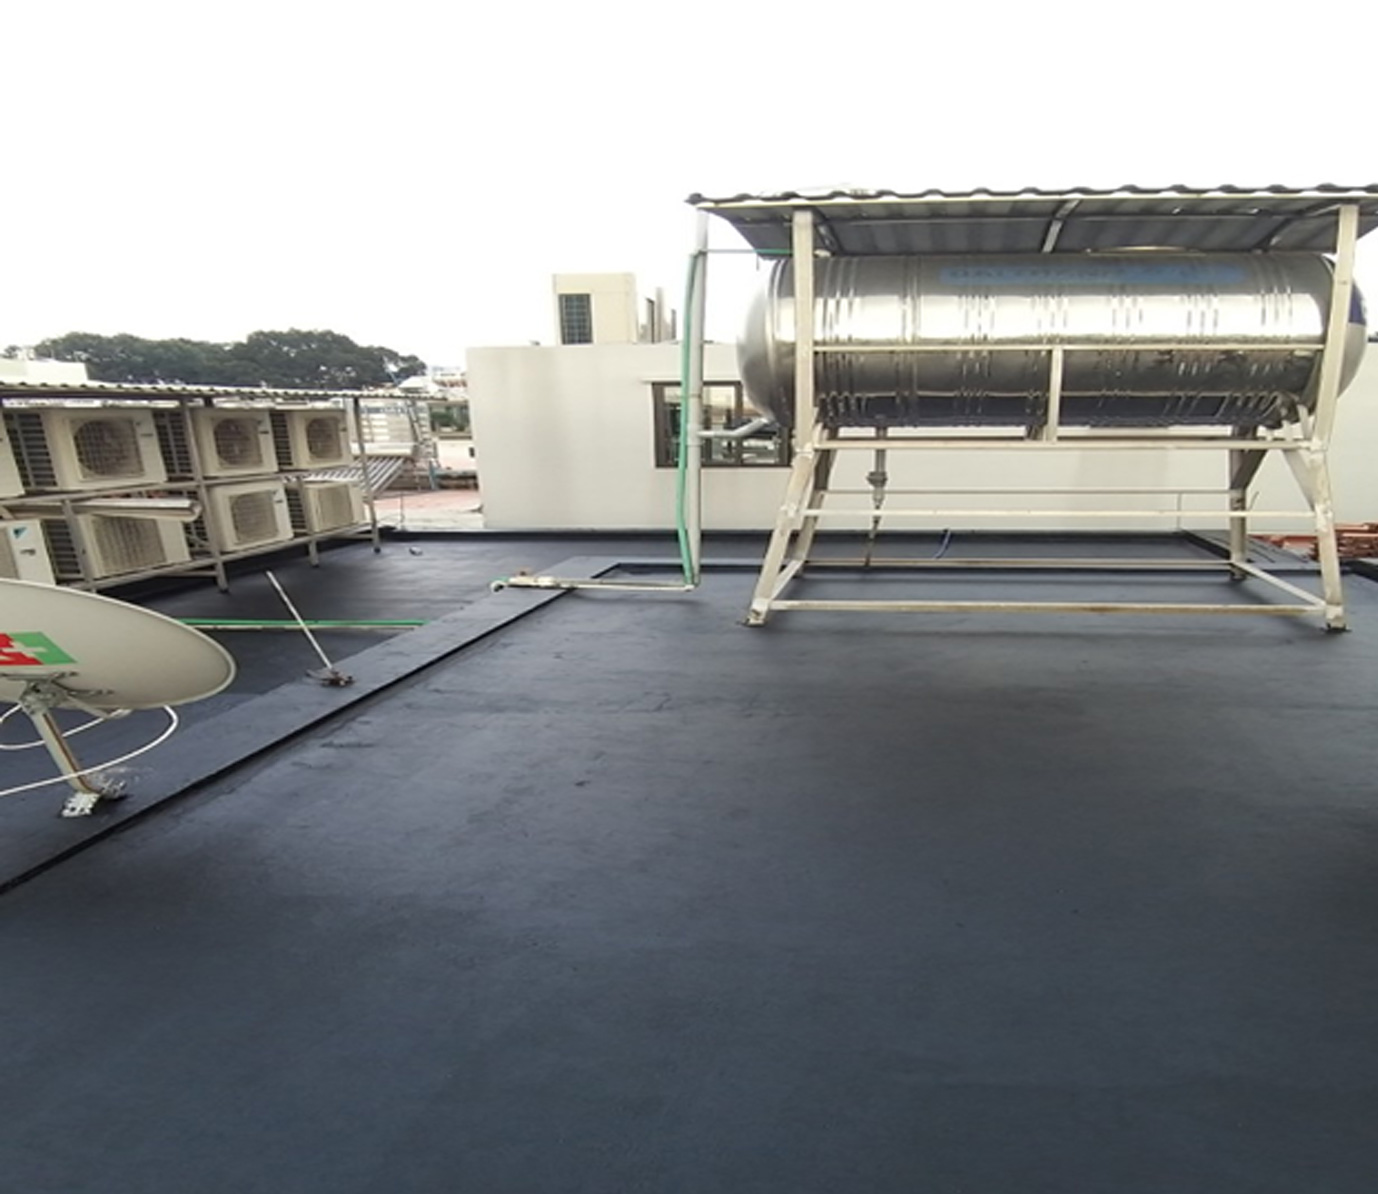 chong dot ban cong san thuong 6 - Chống thấm ban công sân thượng uy tín tại TPHCM